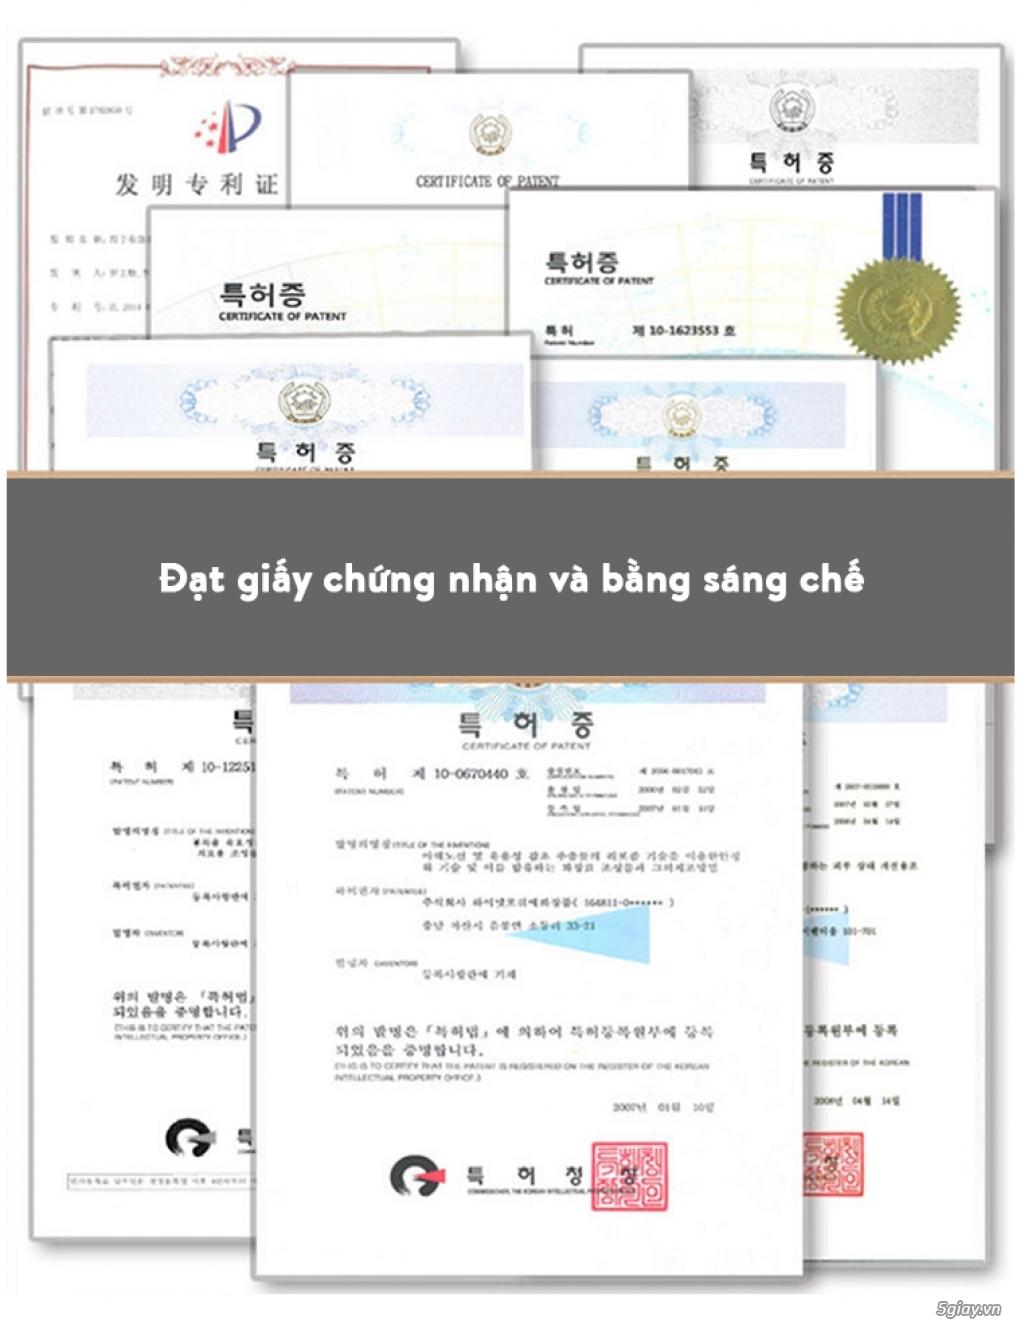 Kem dưỡng trắng da Dongsung Rannce Cream - 100% chính hãng từ Hàn Quốc - 5